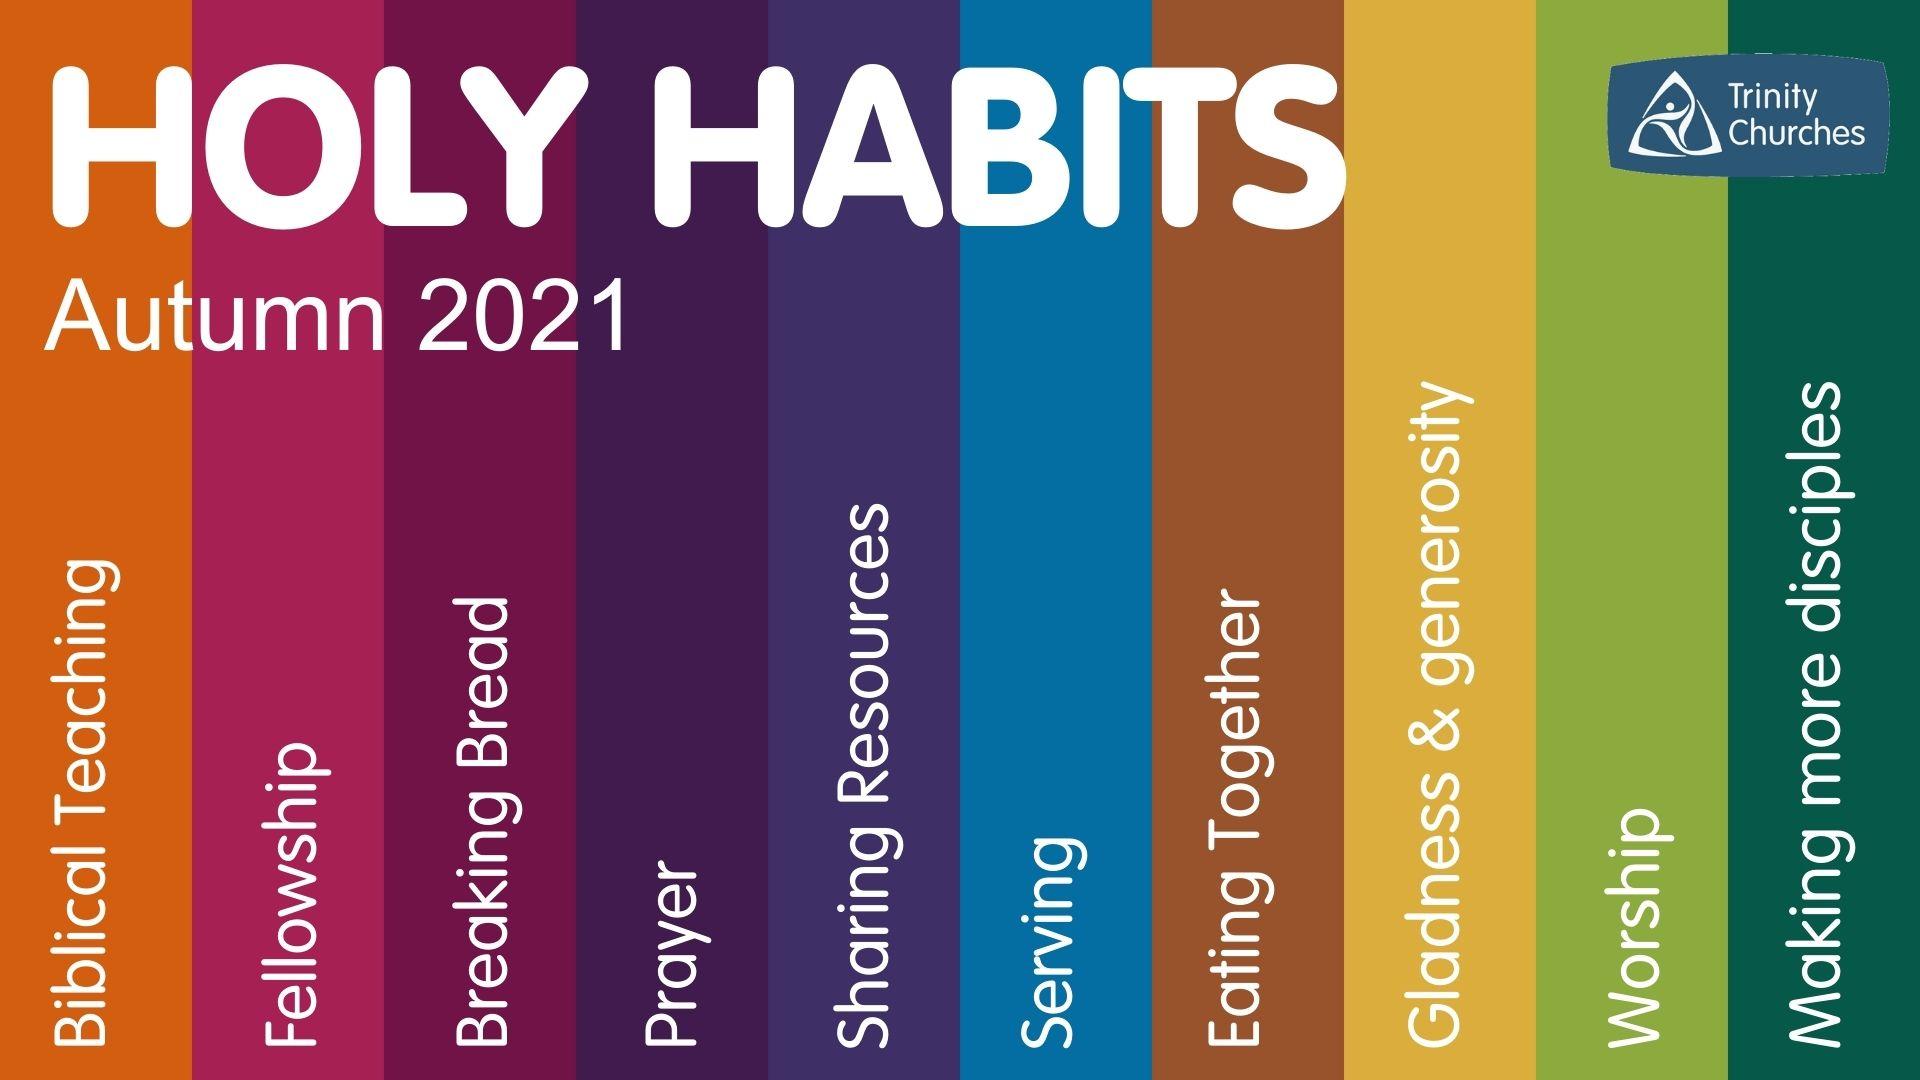 Holy Habits - Autumn 2021